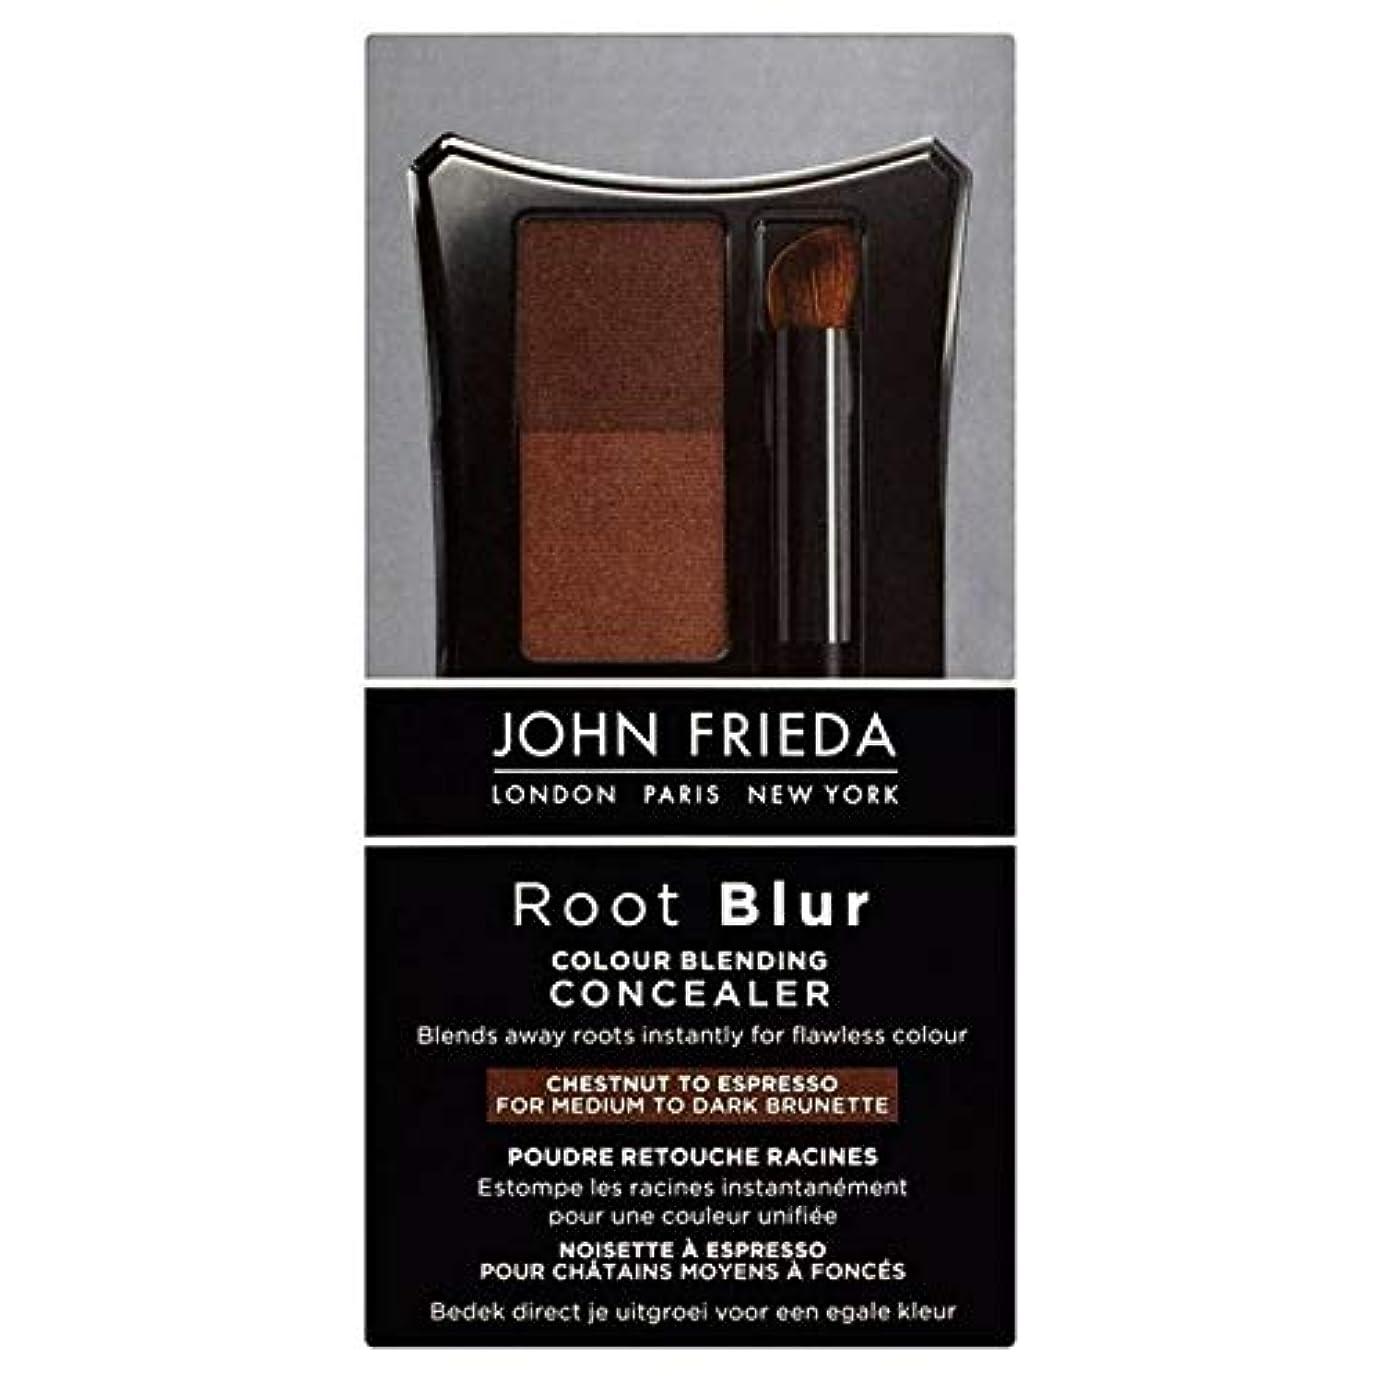 港前栄養[John Frieda ] 90グラムのエスプレッソするコンシーラー栗をブレンドジョン?フリーダルートぼかし色 - John Frieda Root Blur Colour Blending Concealer Chestnut to Espresso 90g [並行輸入品]